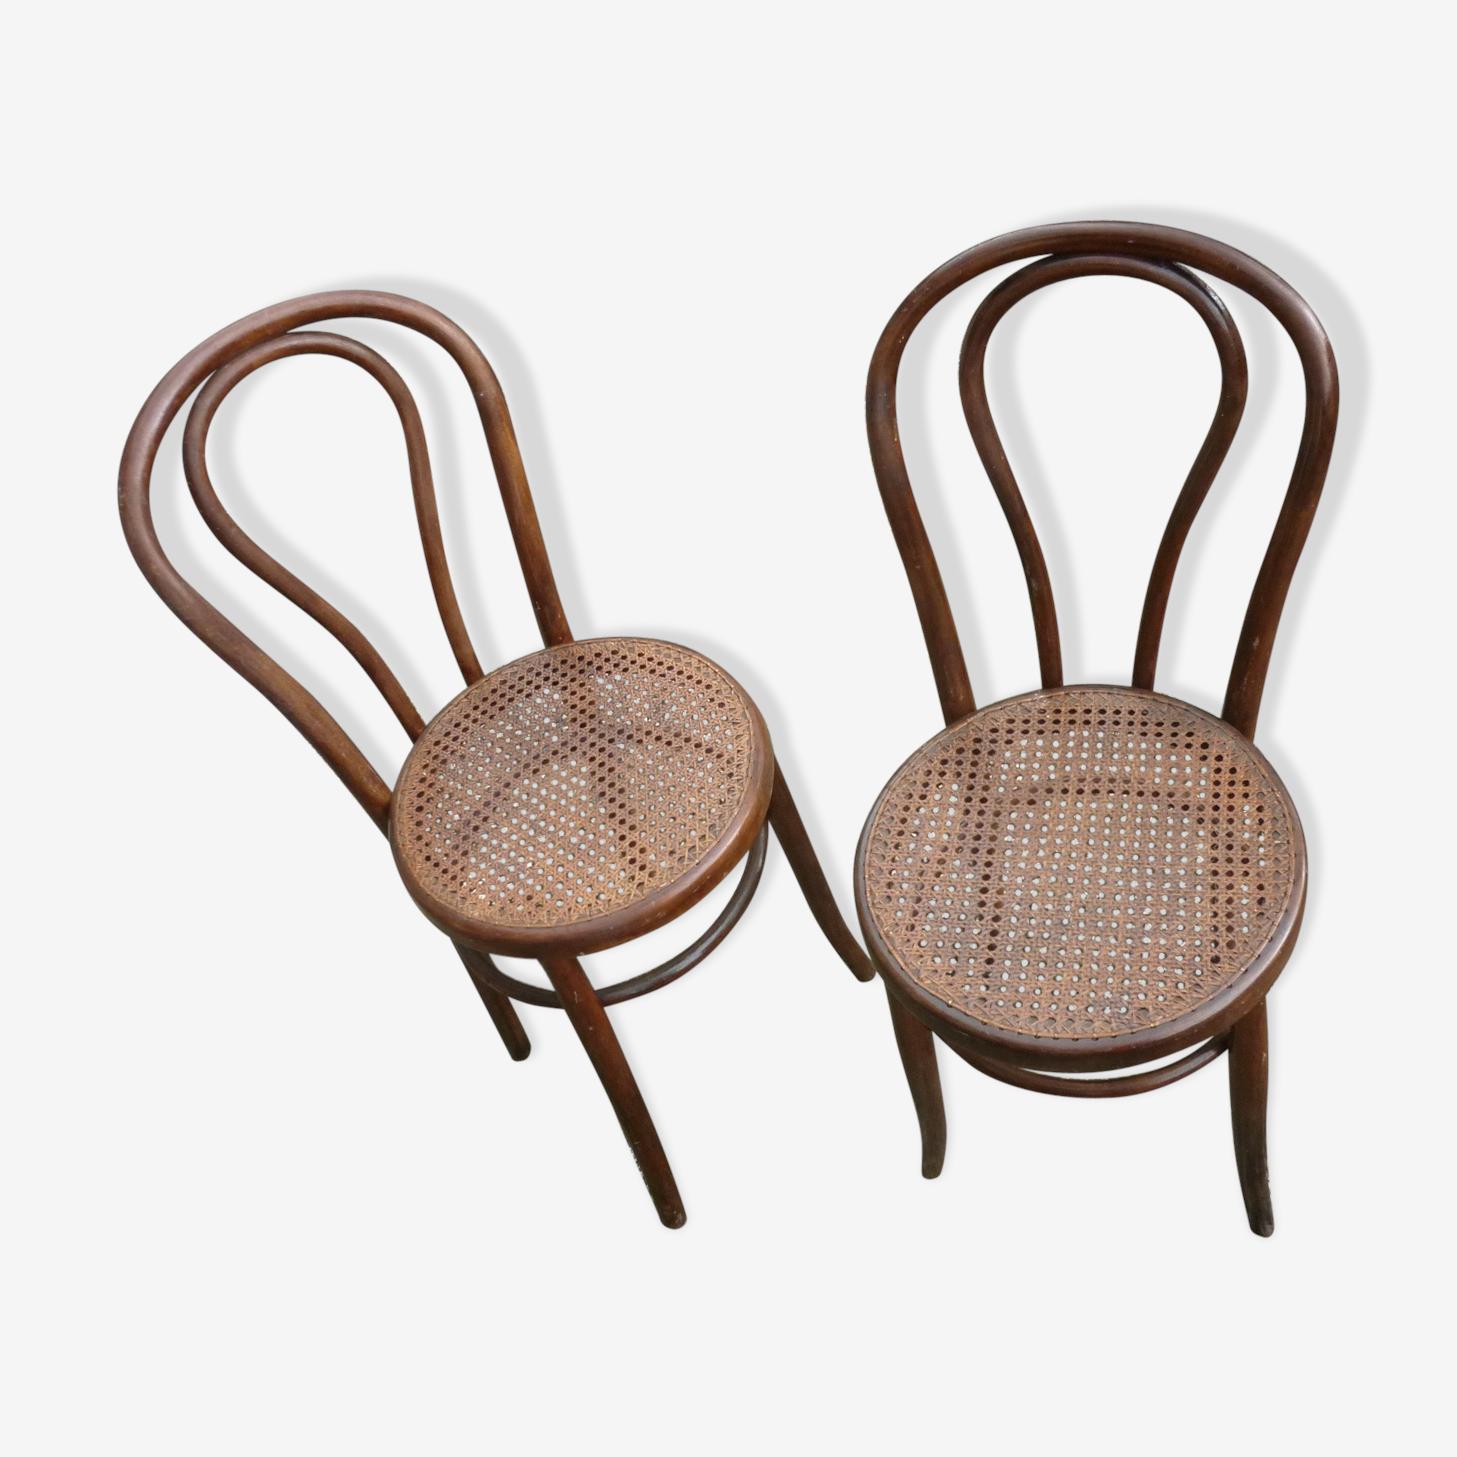 Paire de chaises bistrot en bois courbé